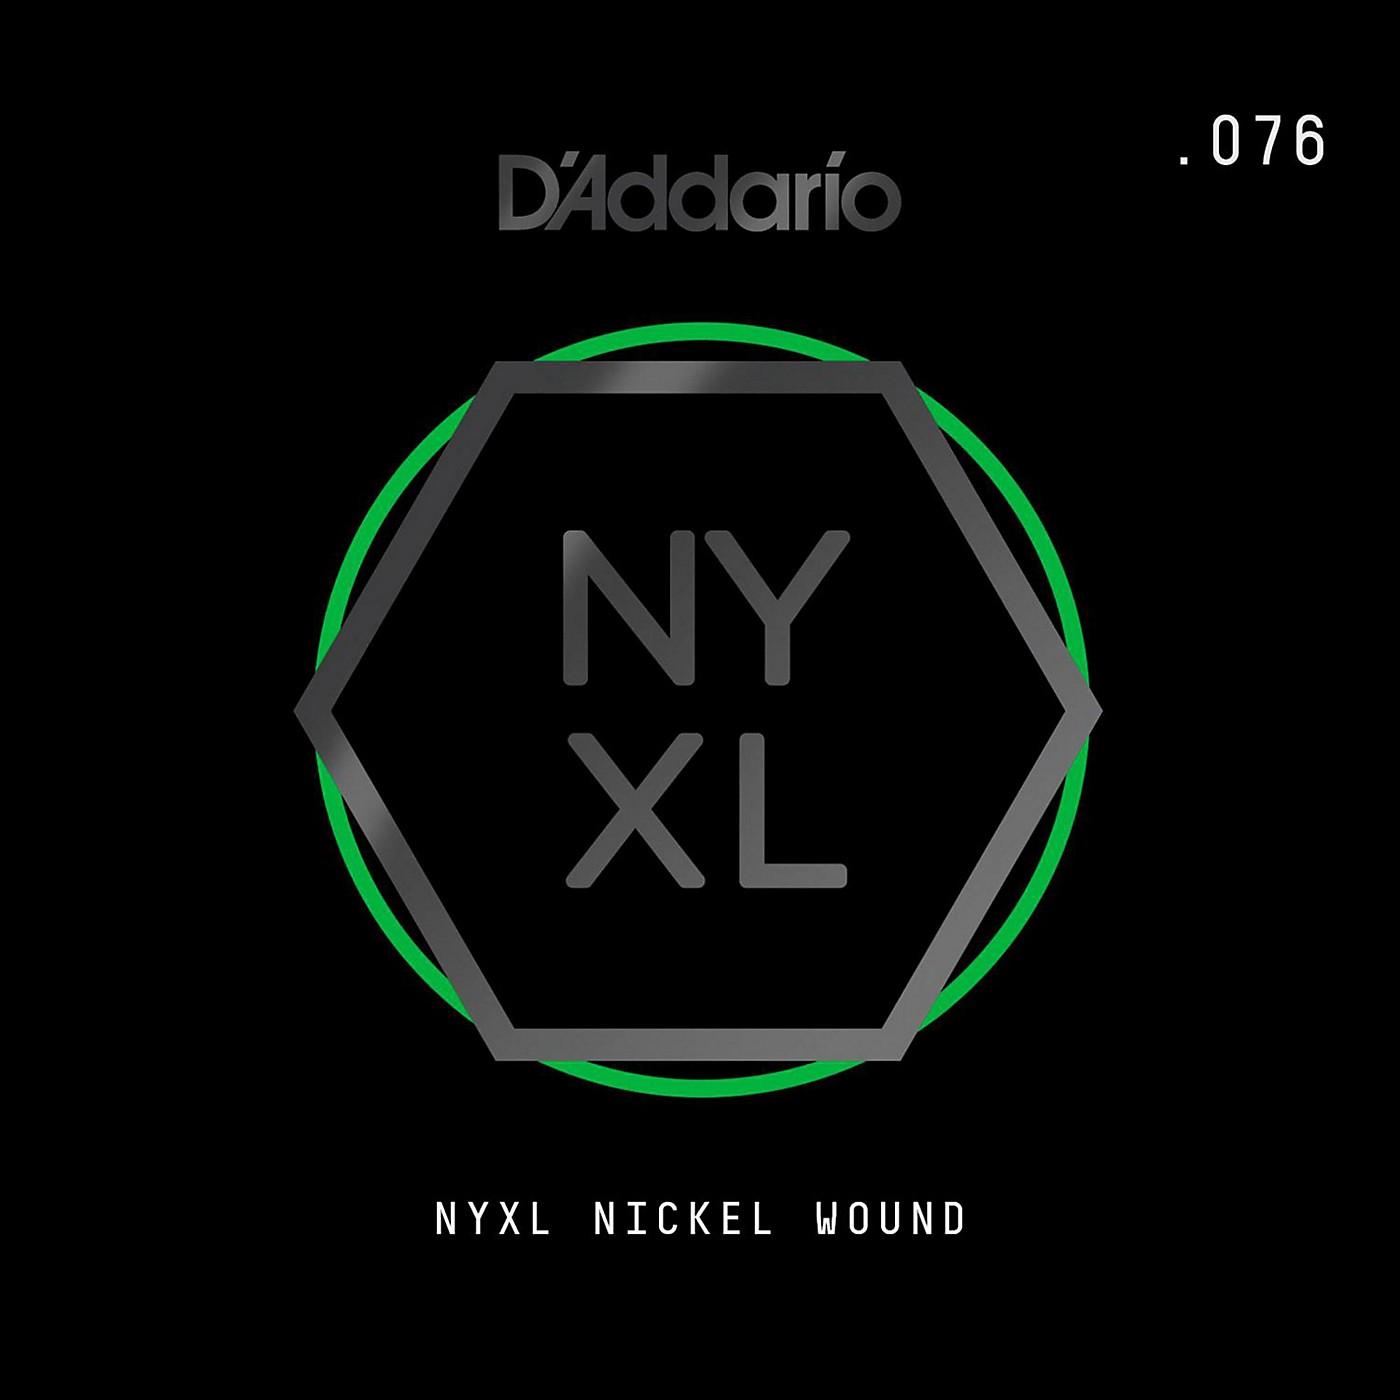 D'Addario NYNW076 NYXL Nickel Wound Electric Guitar Single String, .076 thumbnail